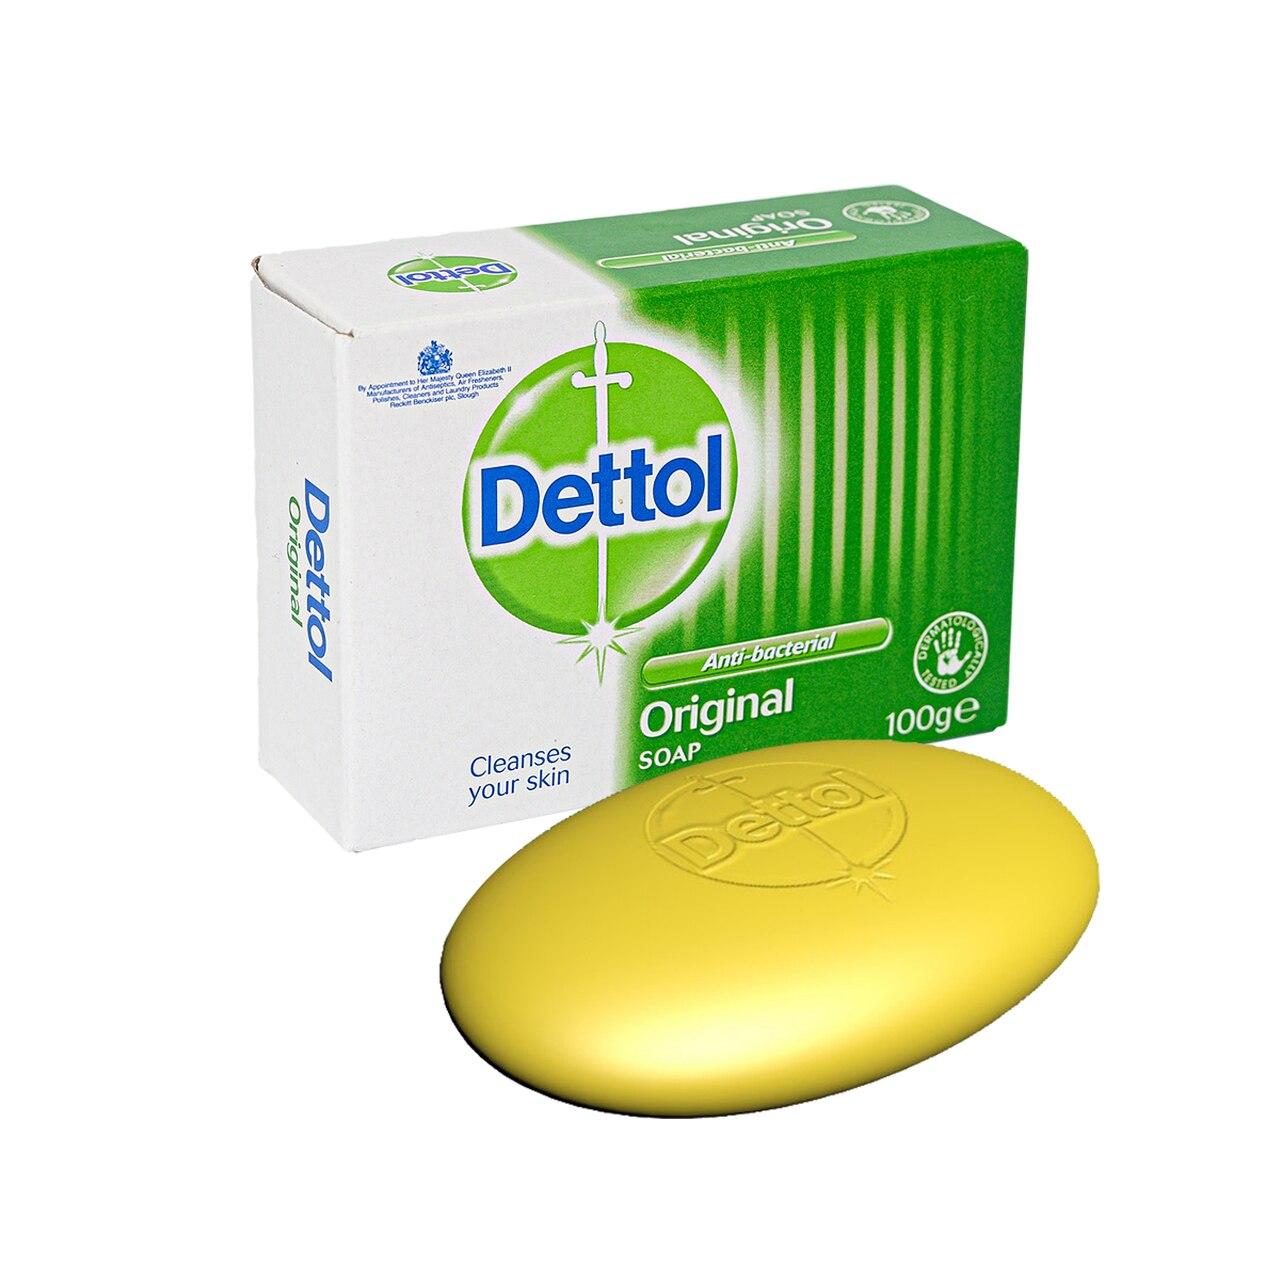 DETTOL ANTI-BACTERIAL ORIGINAL SOAP TWIN PACK